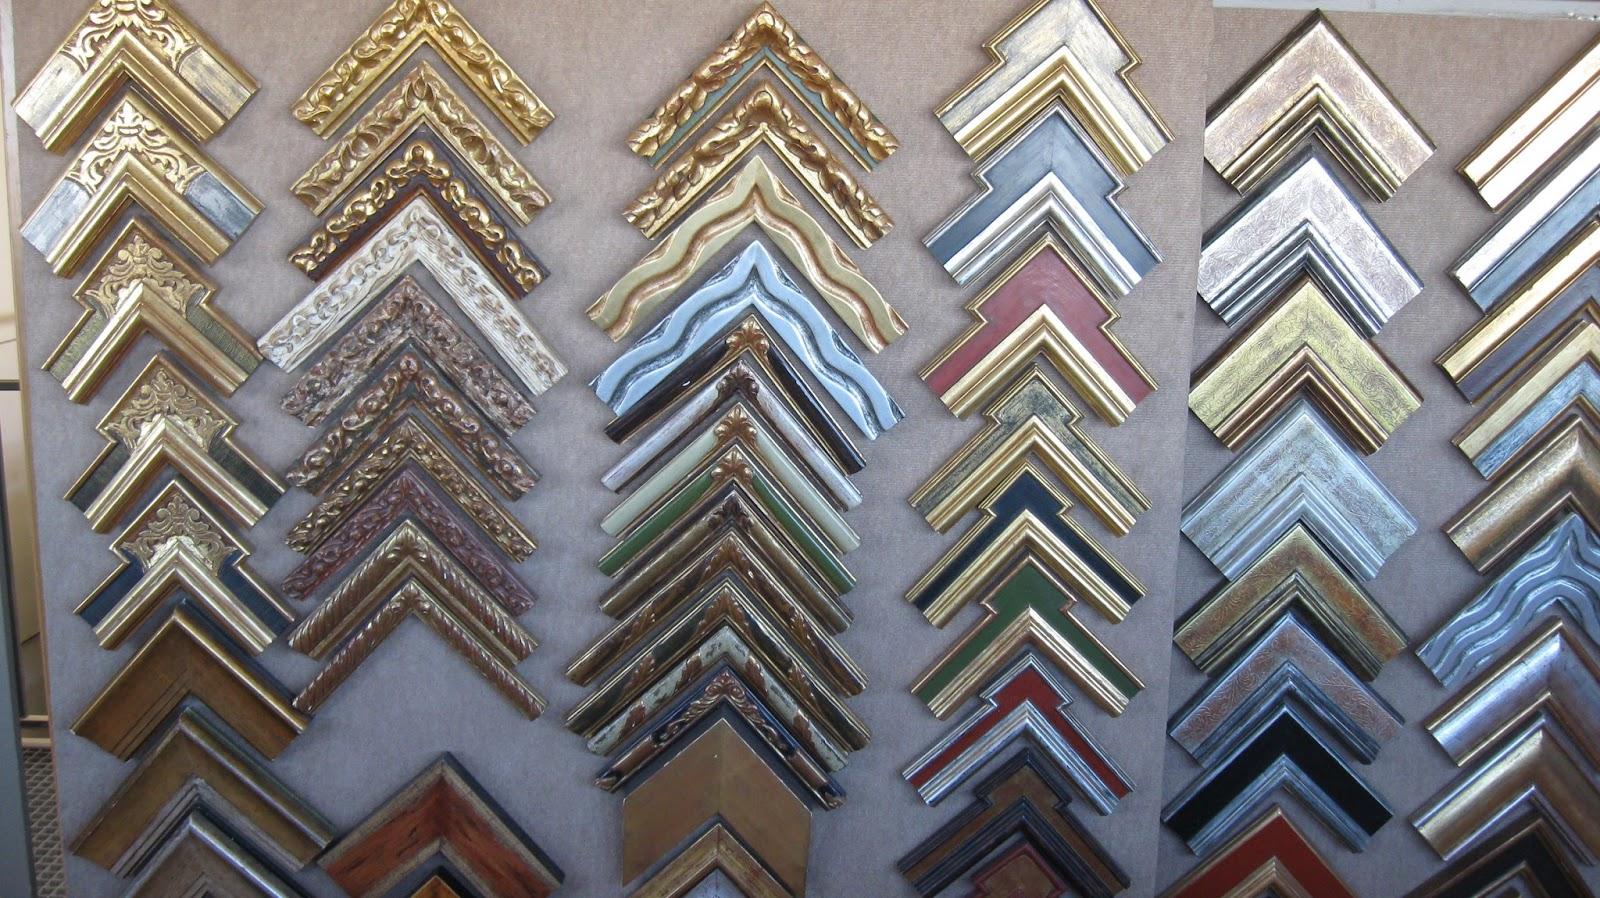 Kino marcos molduras marcos para cuadros enmarcacion - Molduras de escayola en madrid ...